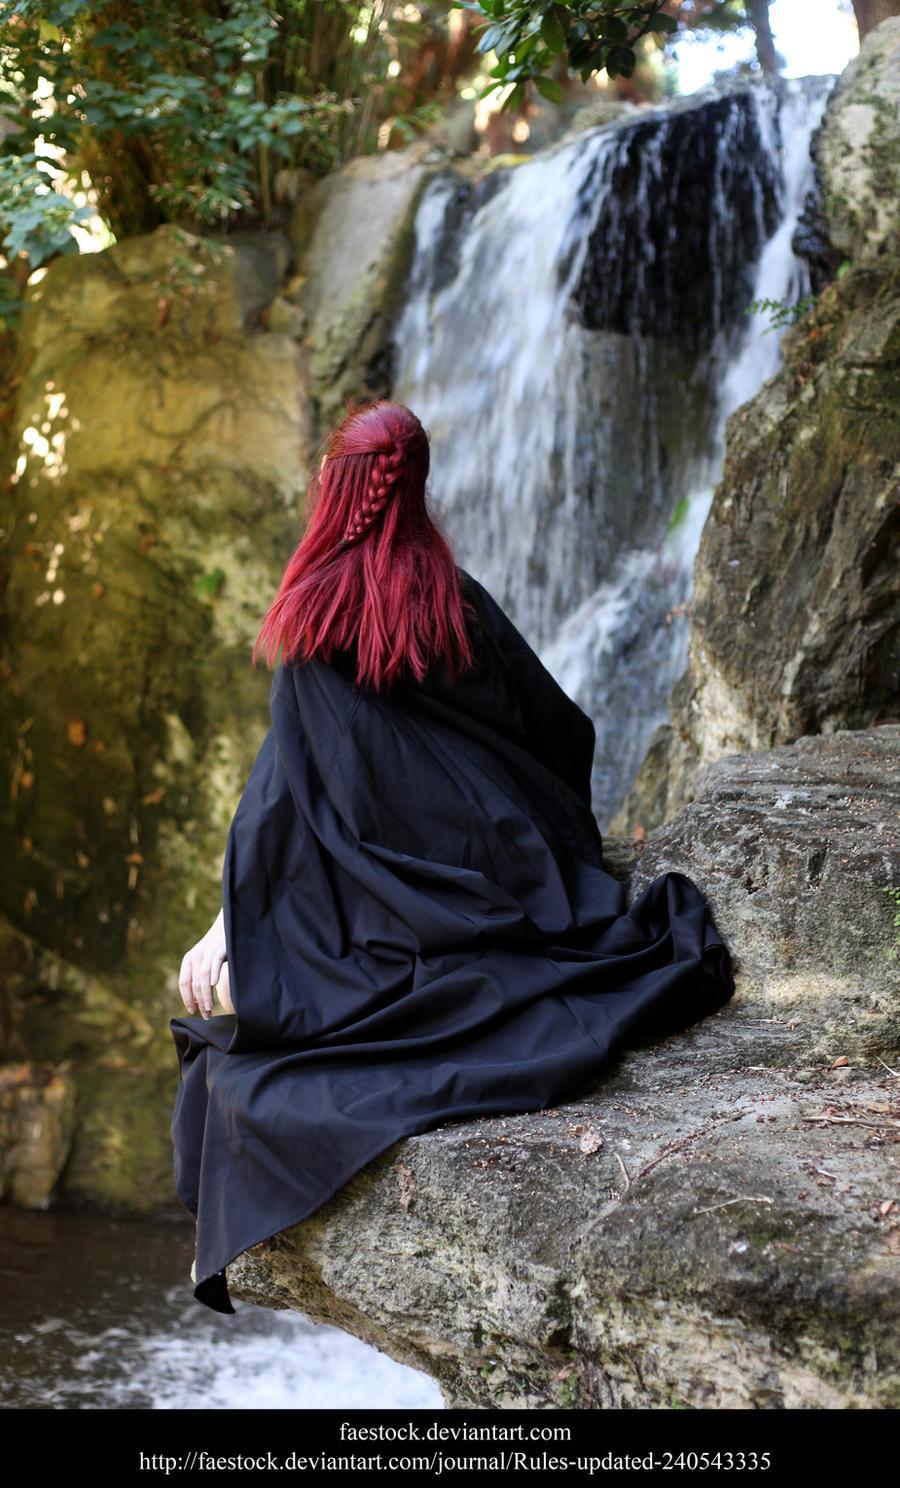 Waterfall5 by faestock